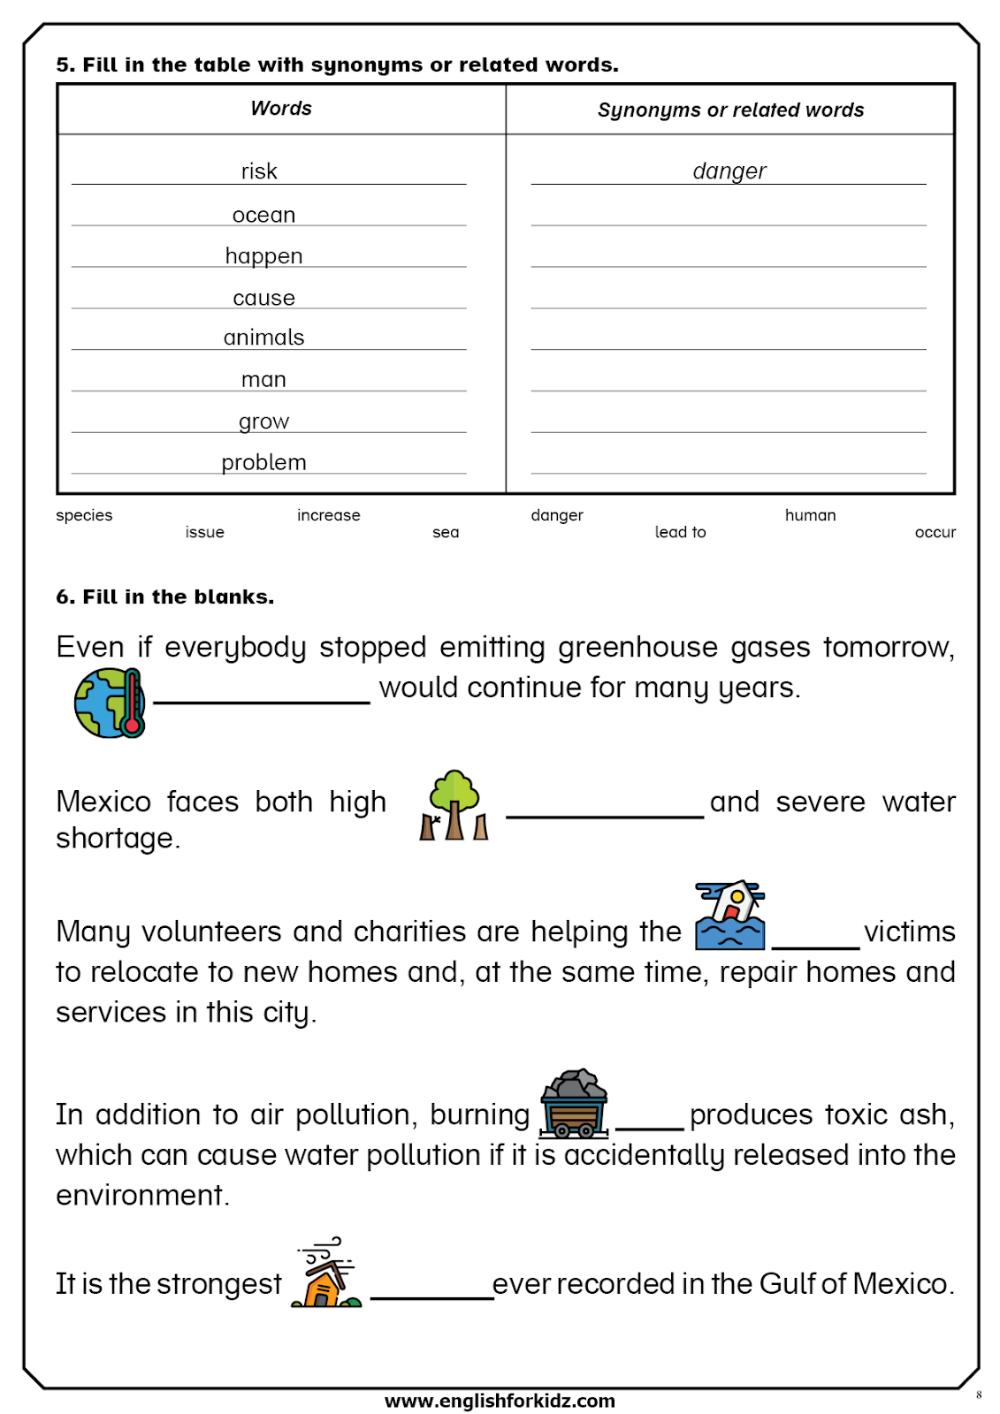 Global Warming Reading Comprehension Worksheets Flashcards Juegos En Ingles Aprender Ingles Vocabulario Vocabulario [ 1414 x 1000 Pixel ]